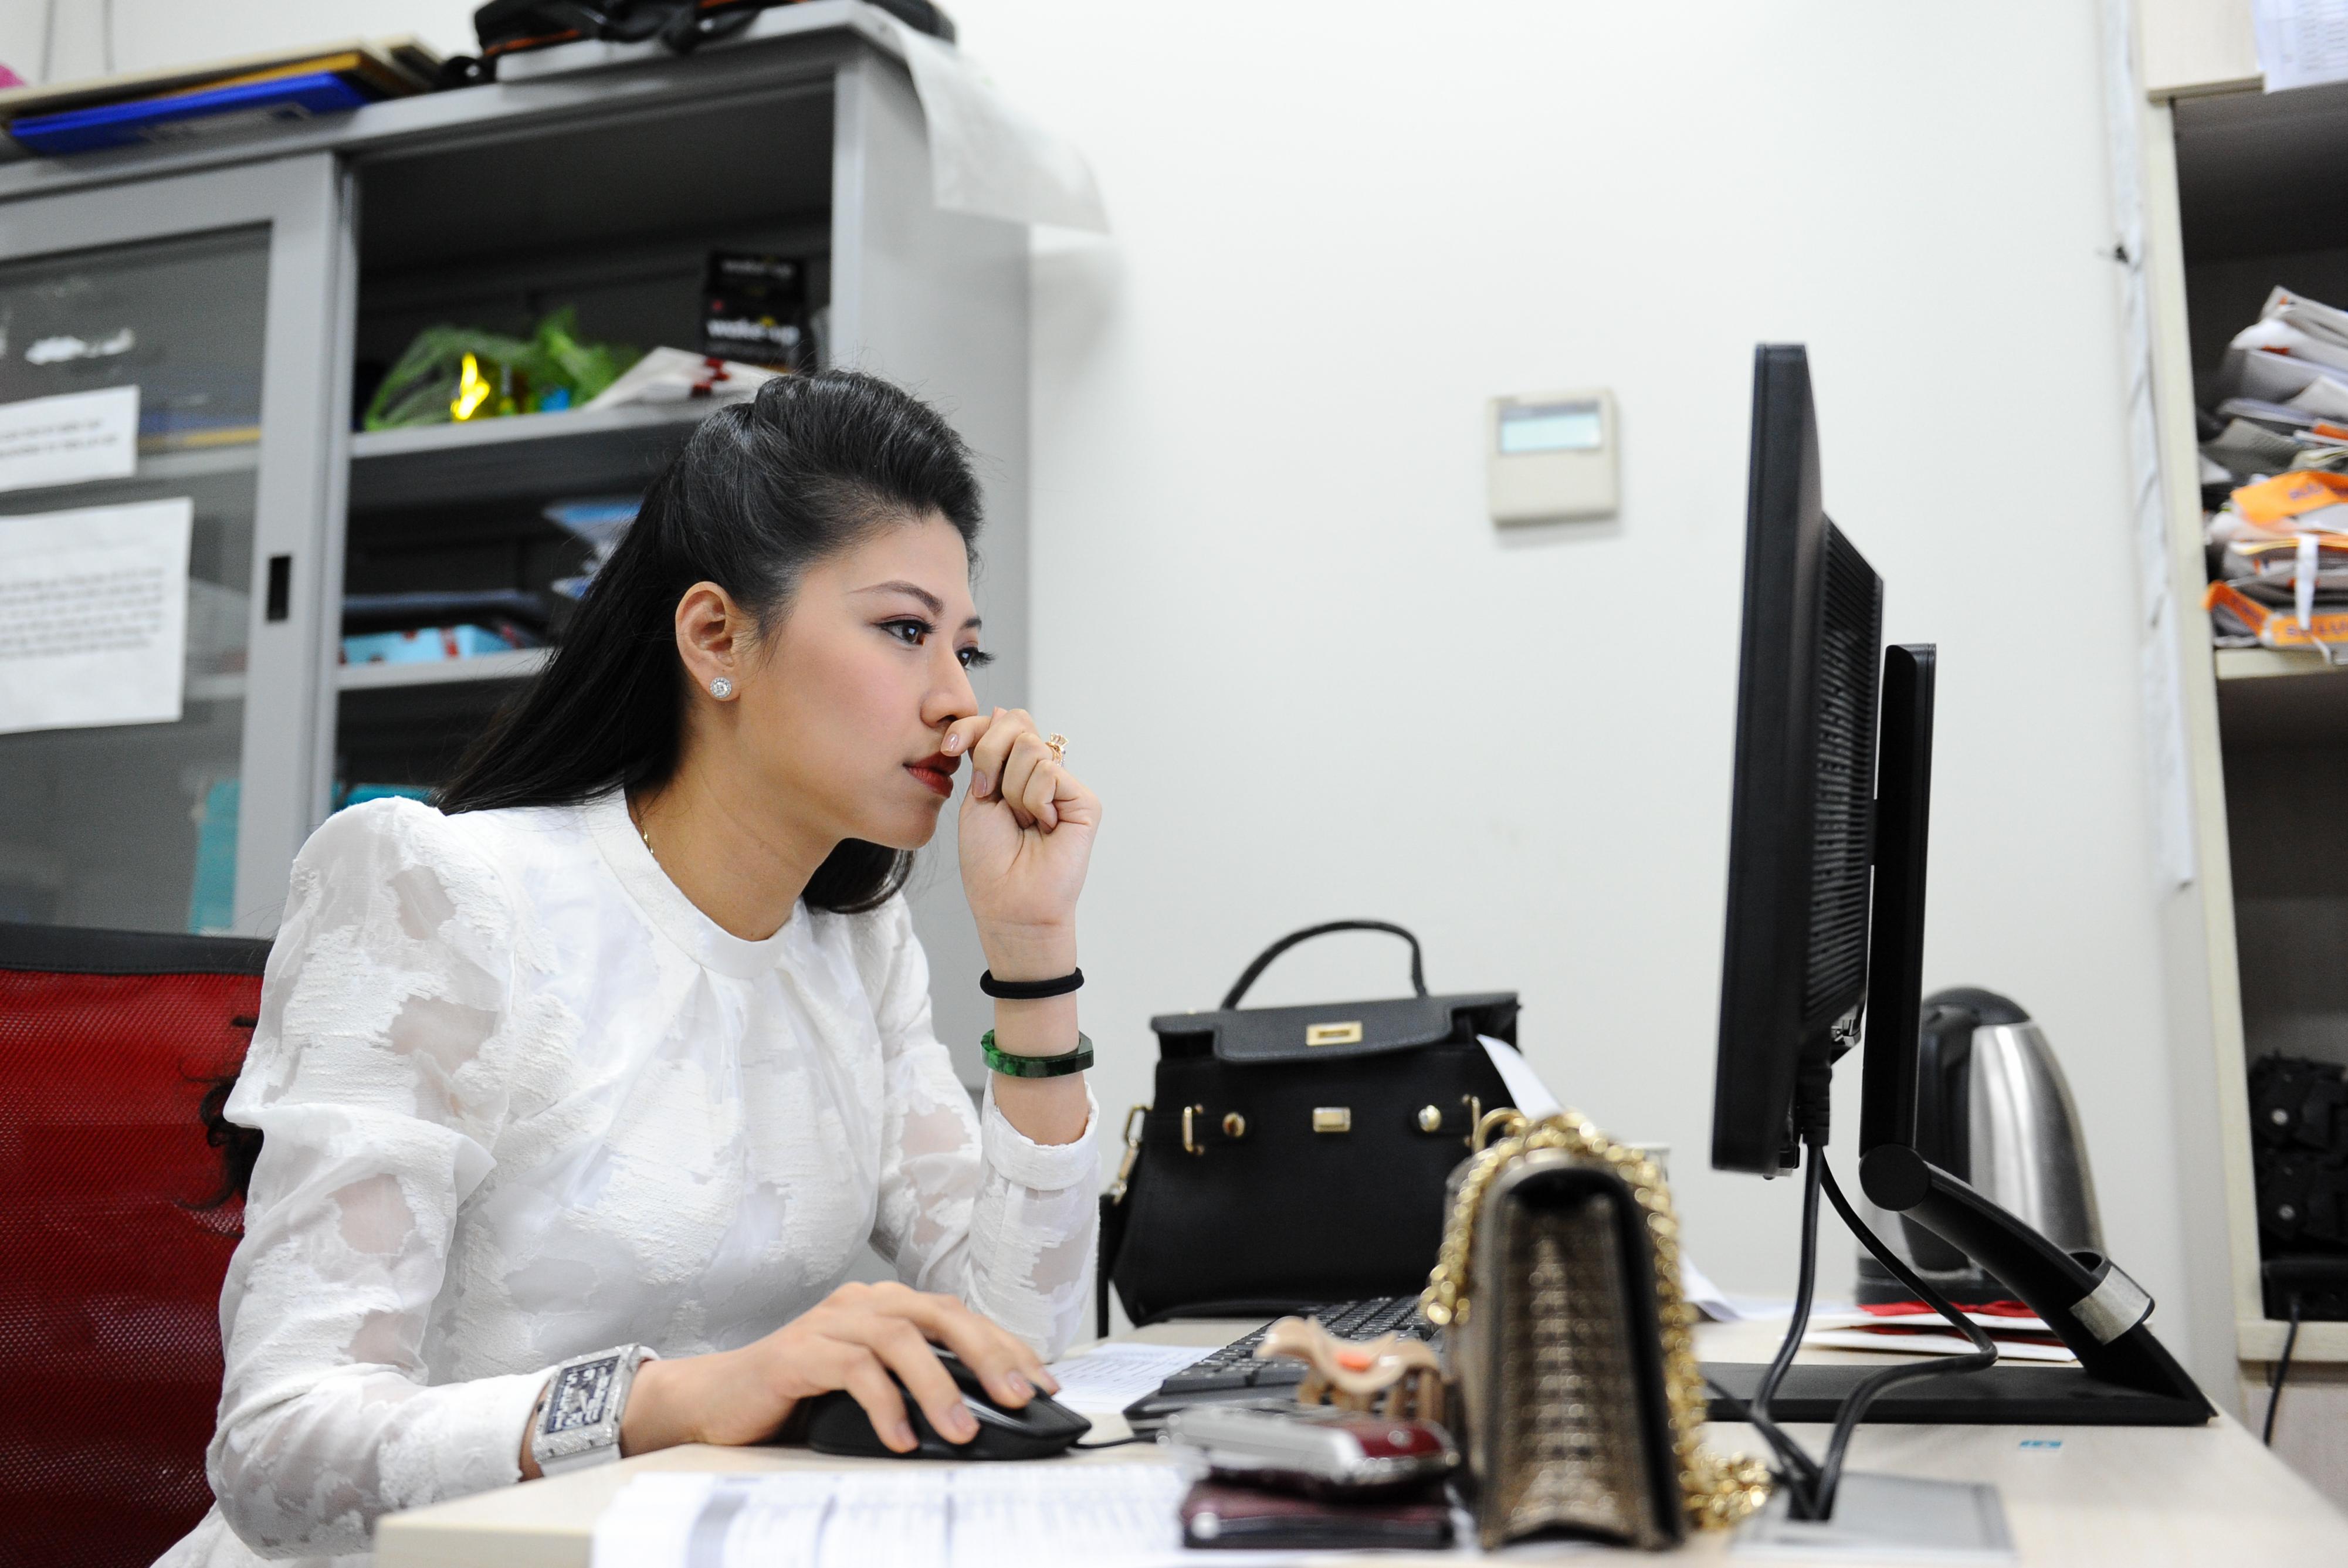 BTV Ngọc Trinh đã có 10 năm gắn bó với nghiệp báo và Đài truyền hình Việt Nam